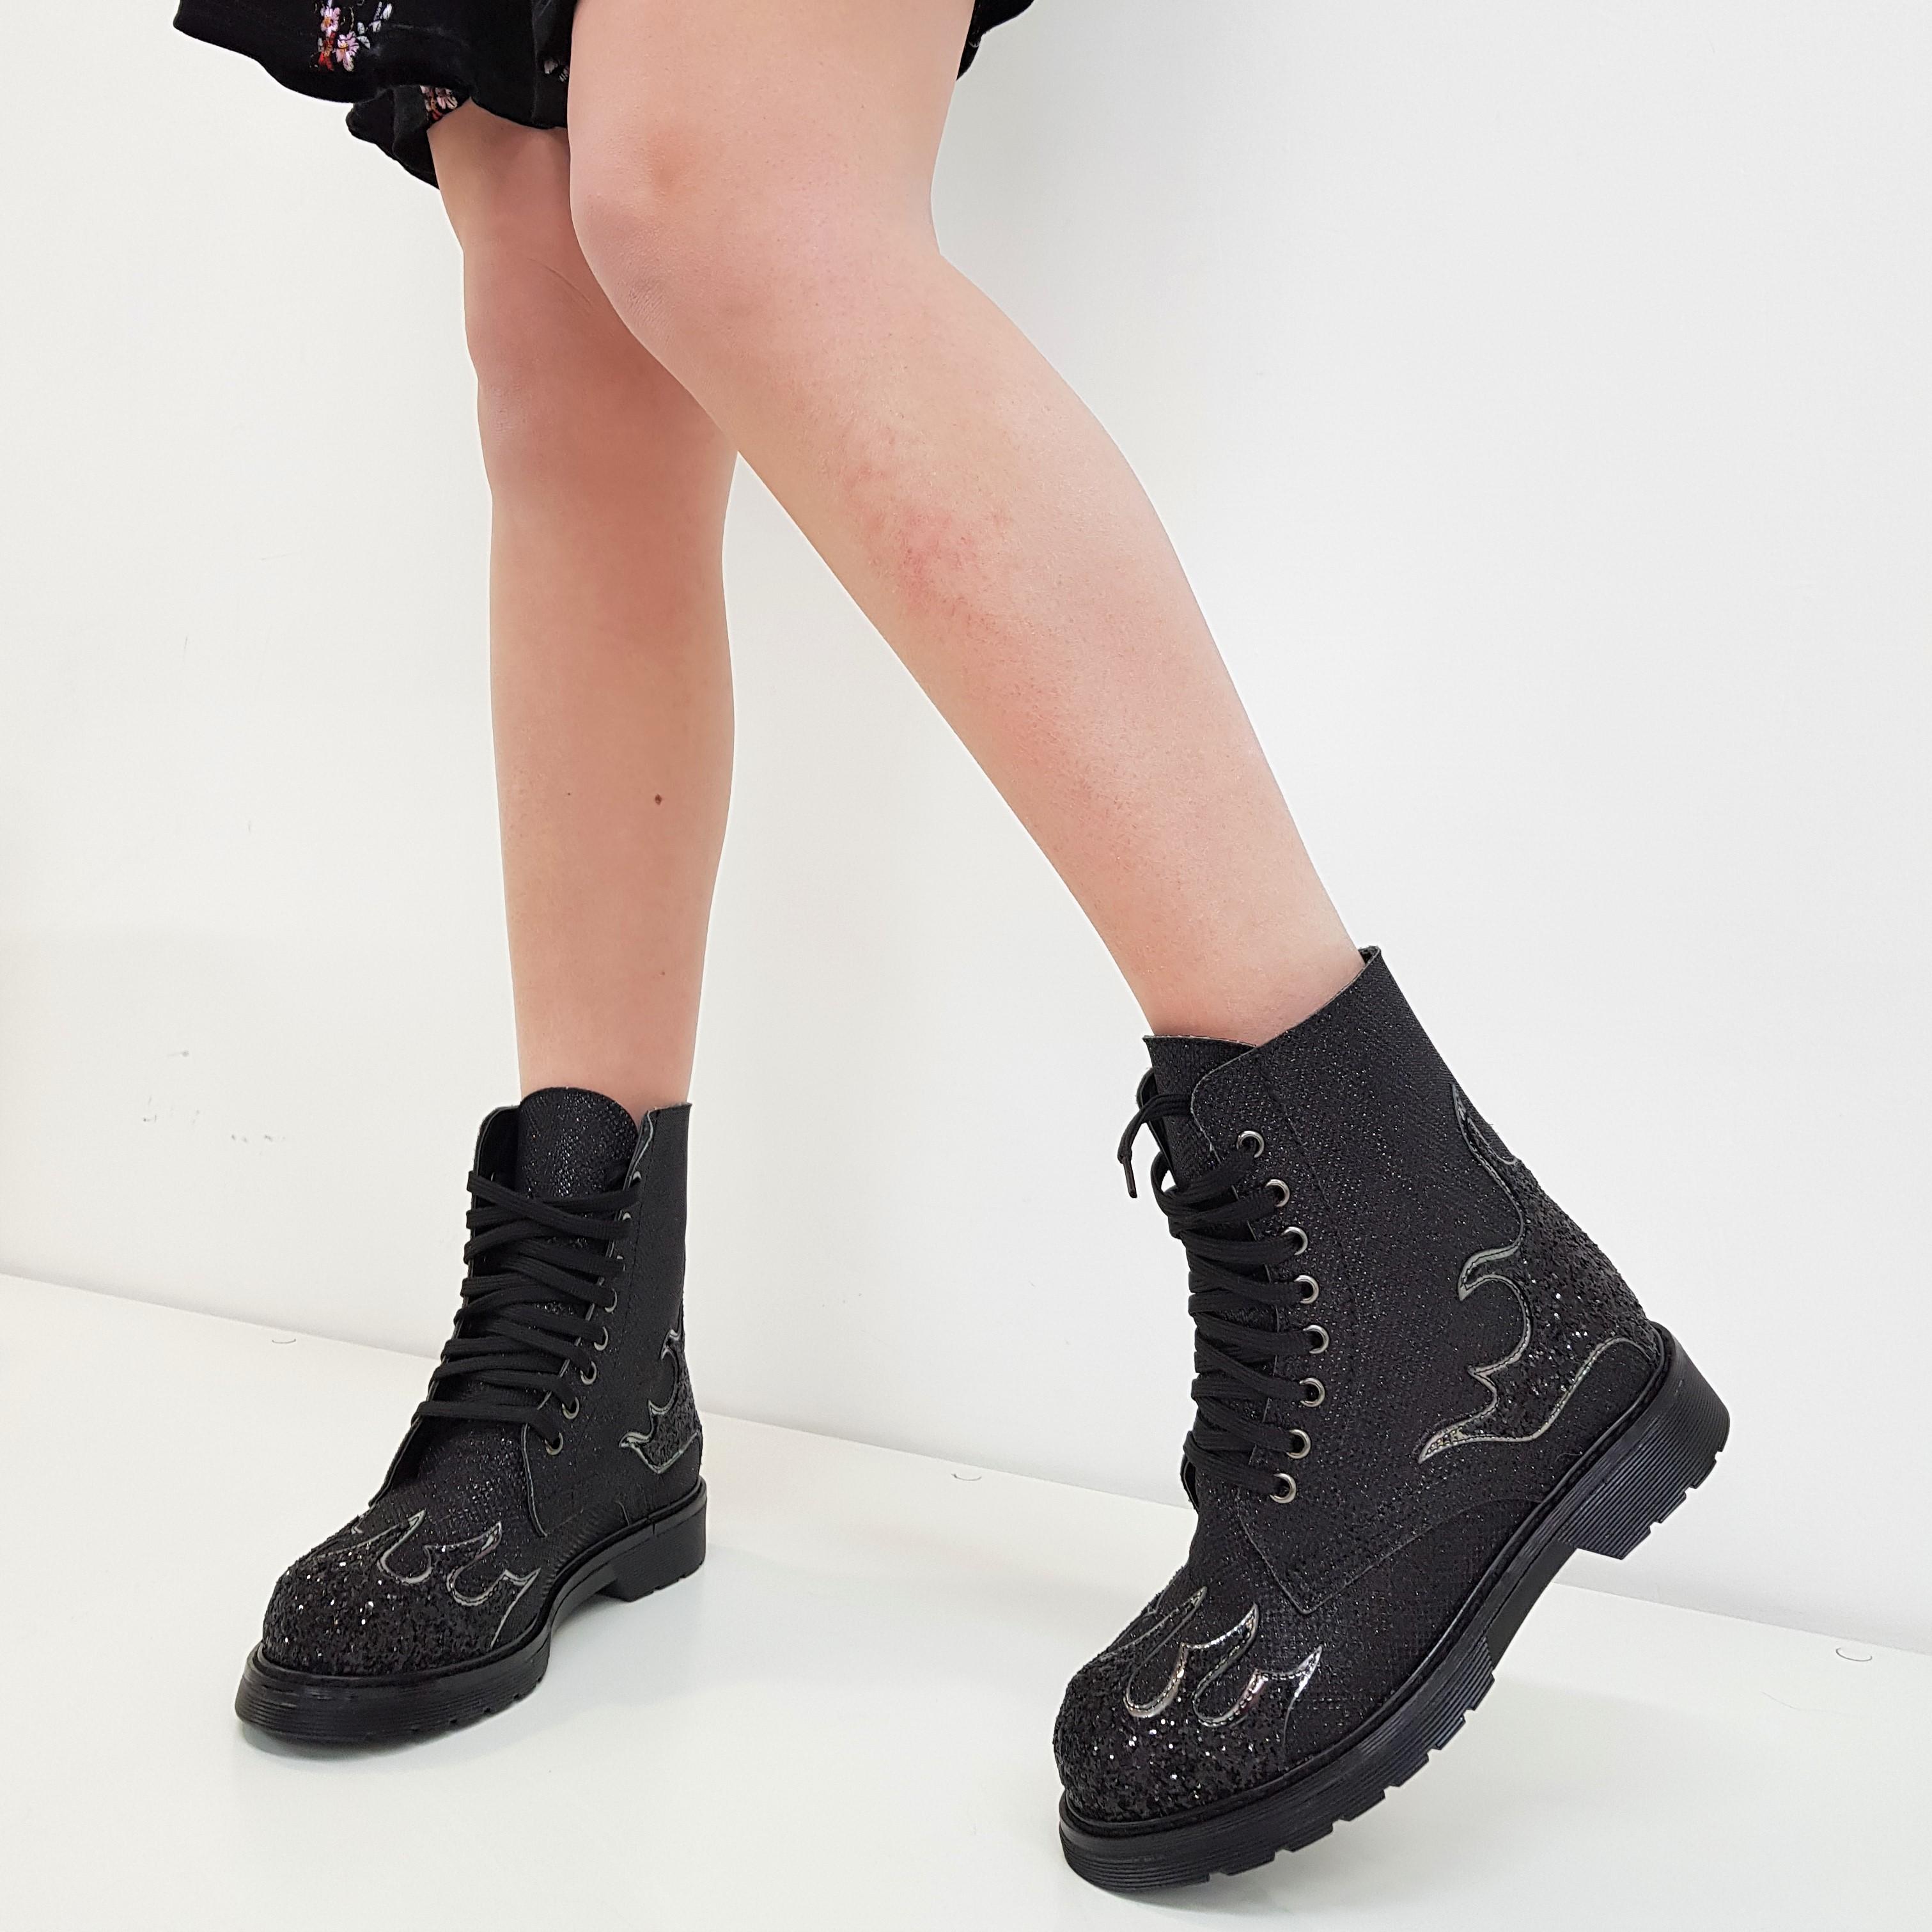 Stivaletti lacci satinato nero e glitter nero flame oxford - Lia diva calzature ...